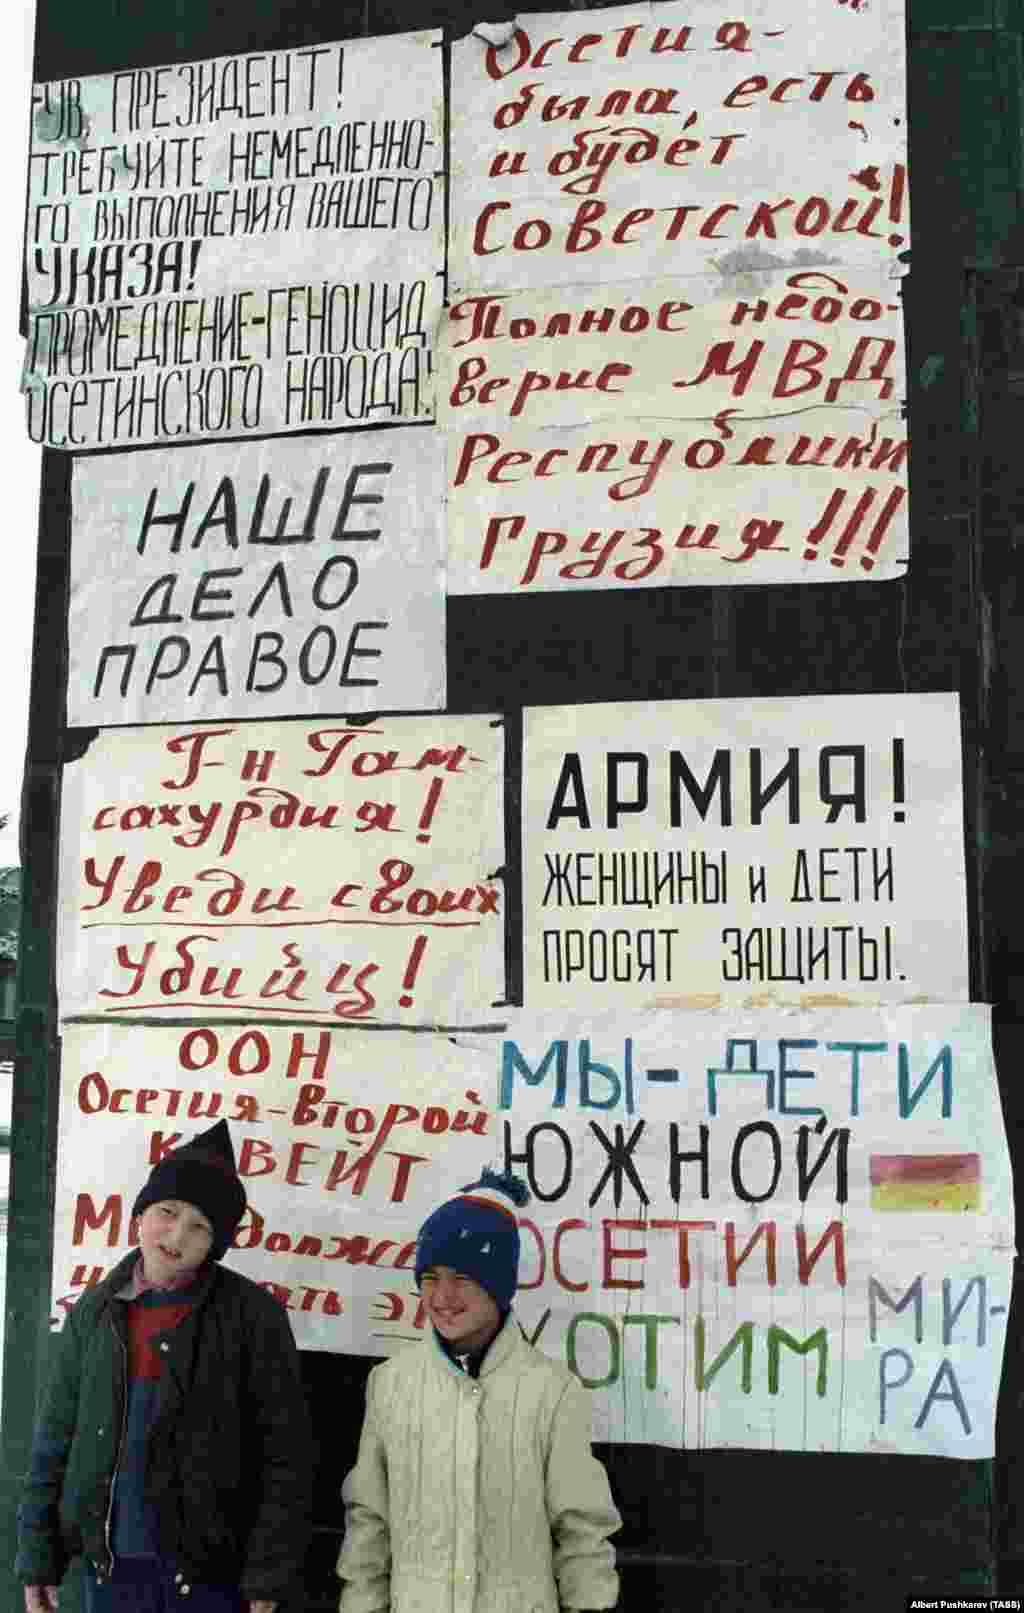 """GyerekekChinvaliutcáin 1991. január 1-jén. A hátuk mögött olvasható feliratokon ez áll: """"Oszétia mindig is szovjet volt és az is marad!"""". A grúzok közül sokan árulóknak tartották Oszétia lakóit, miközben az ország a Szovjetunióból való kiválásért harcolt. Mindeközben az oszét nép kirekesztve érezte magát azok miatt az új törvények miatt, amelyek a grúzt ismerték el egyetlen hivatalos nyelvként, és meggyengítették az oszét politikai képviseletetTbilisziben."""